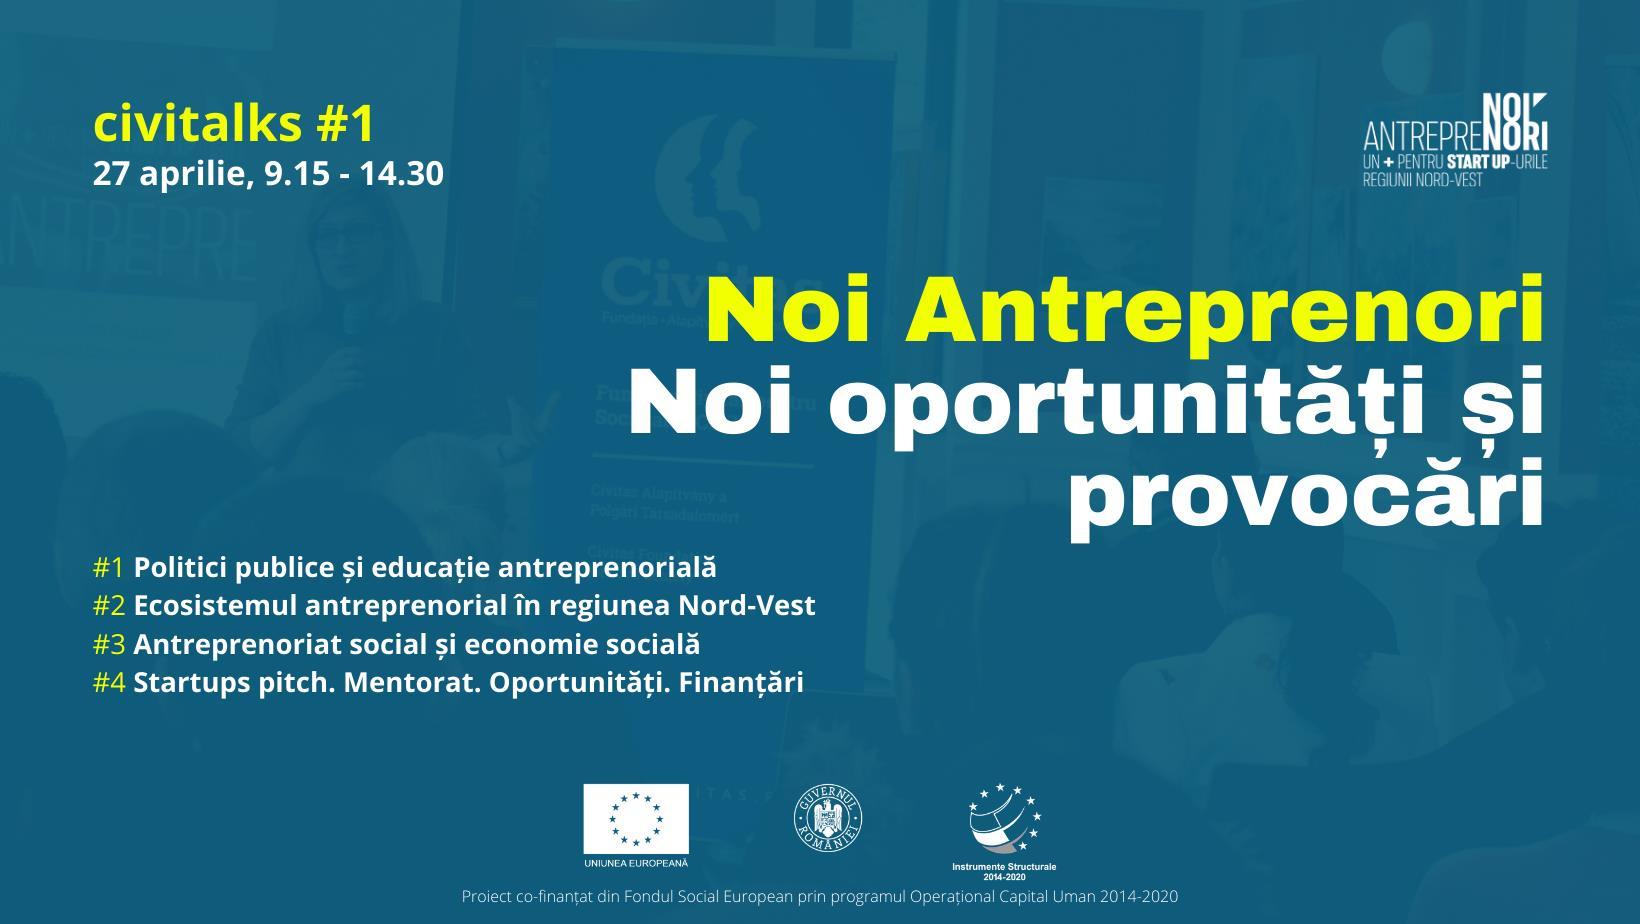 civitalks #1: Noi Antreprenori. Noi oportunități și provocări